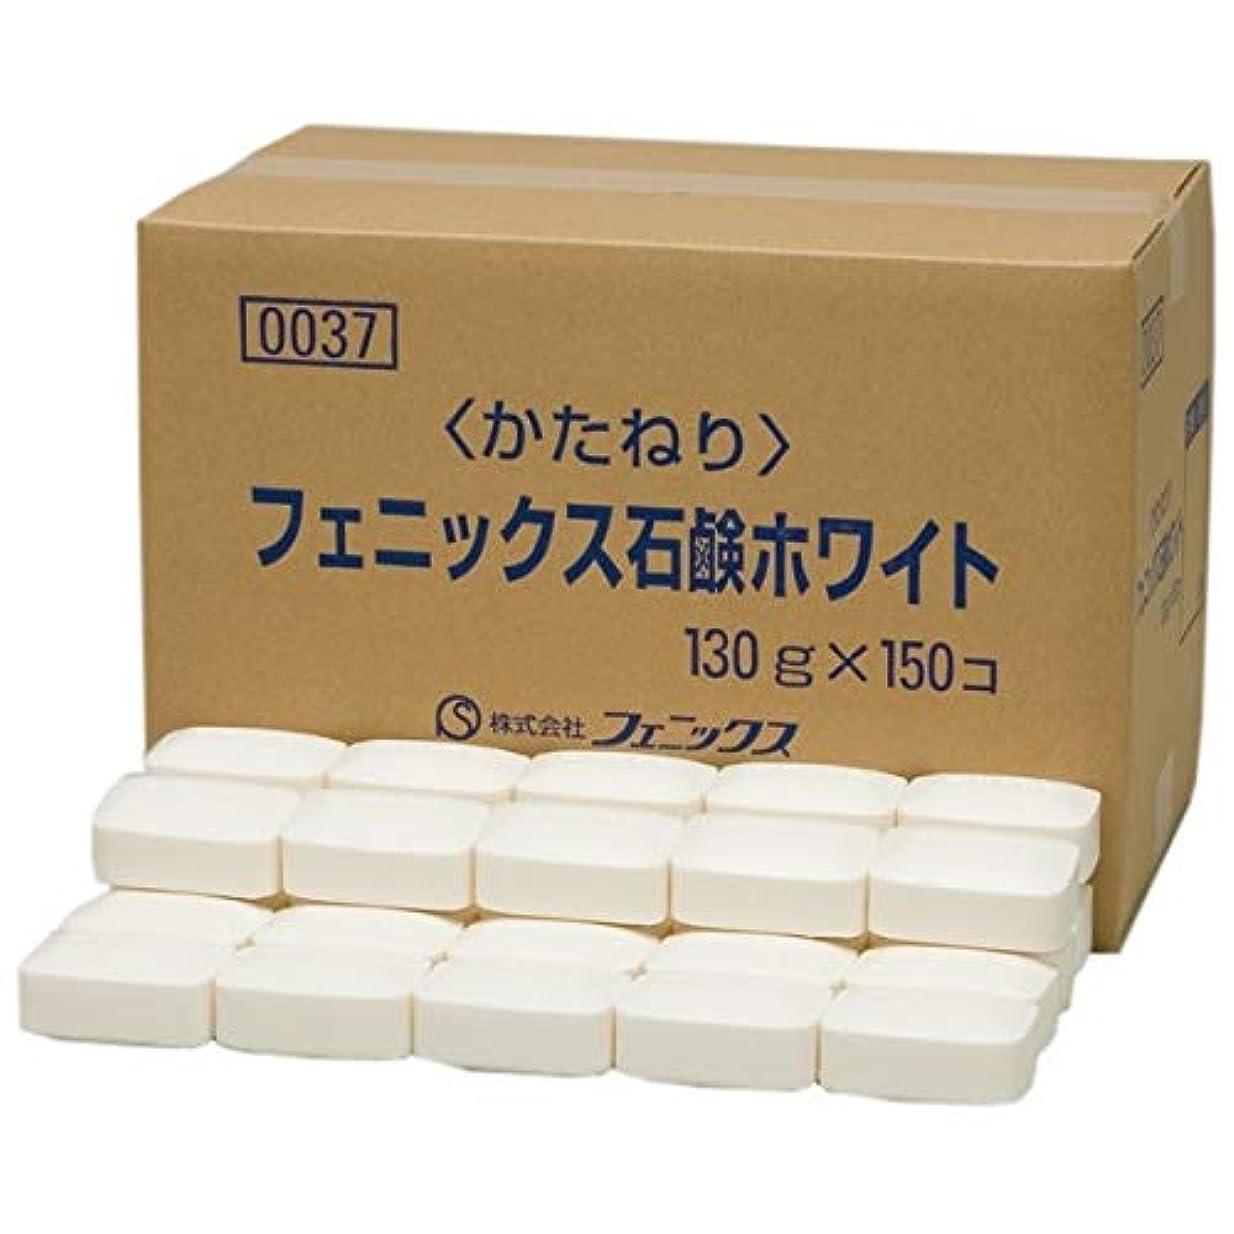 複数紳士観光に行くフェニックスホワイト石鹸 130g×150個入